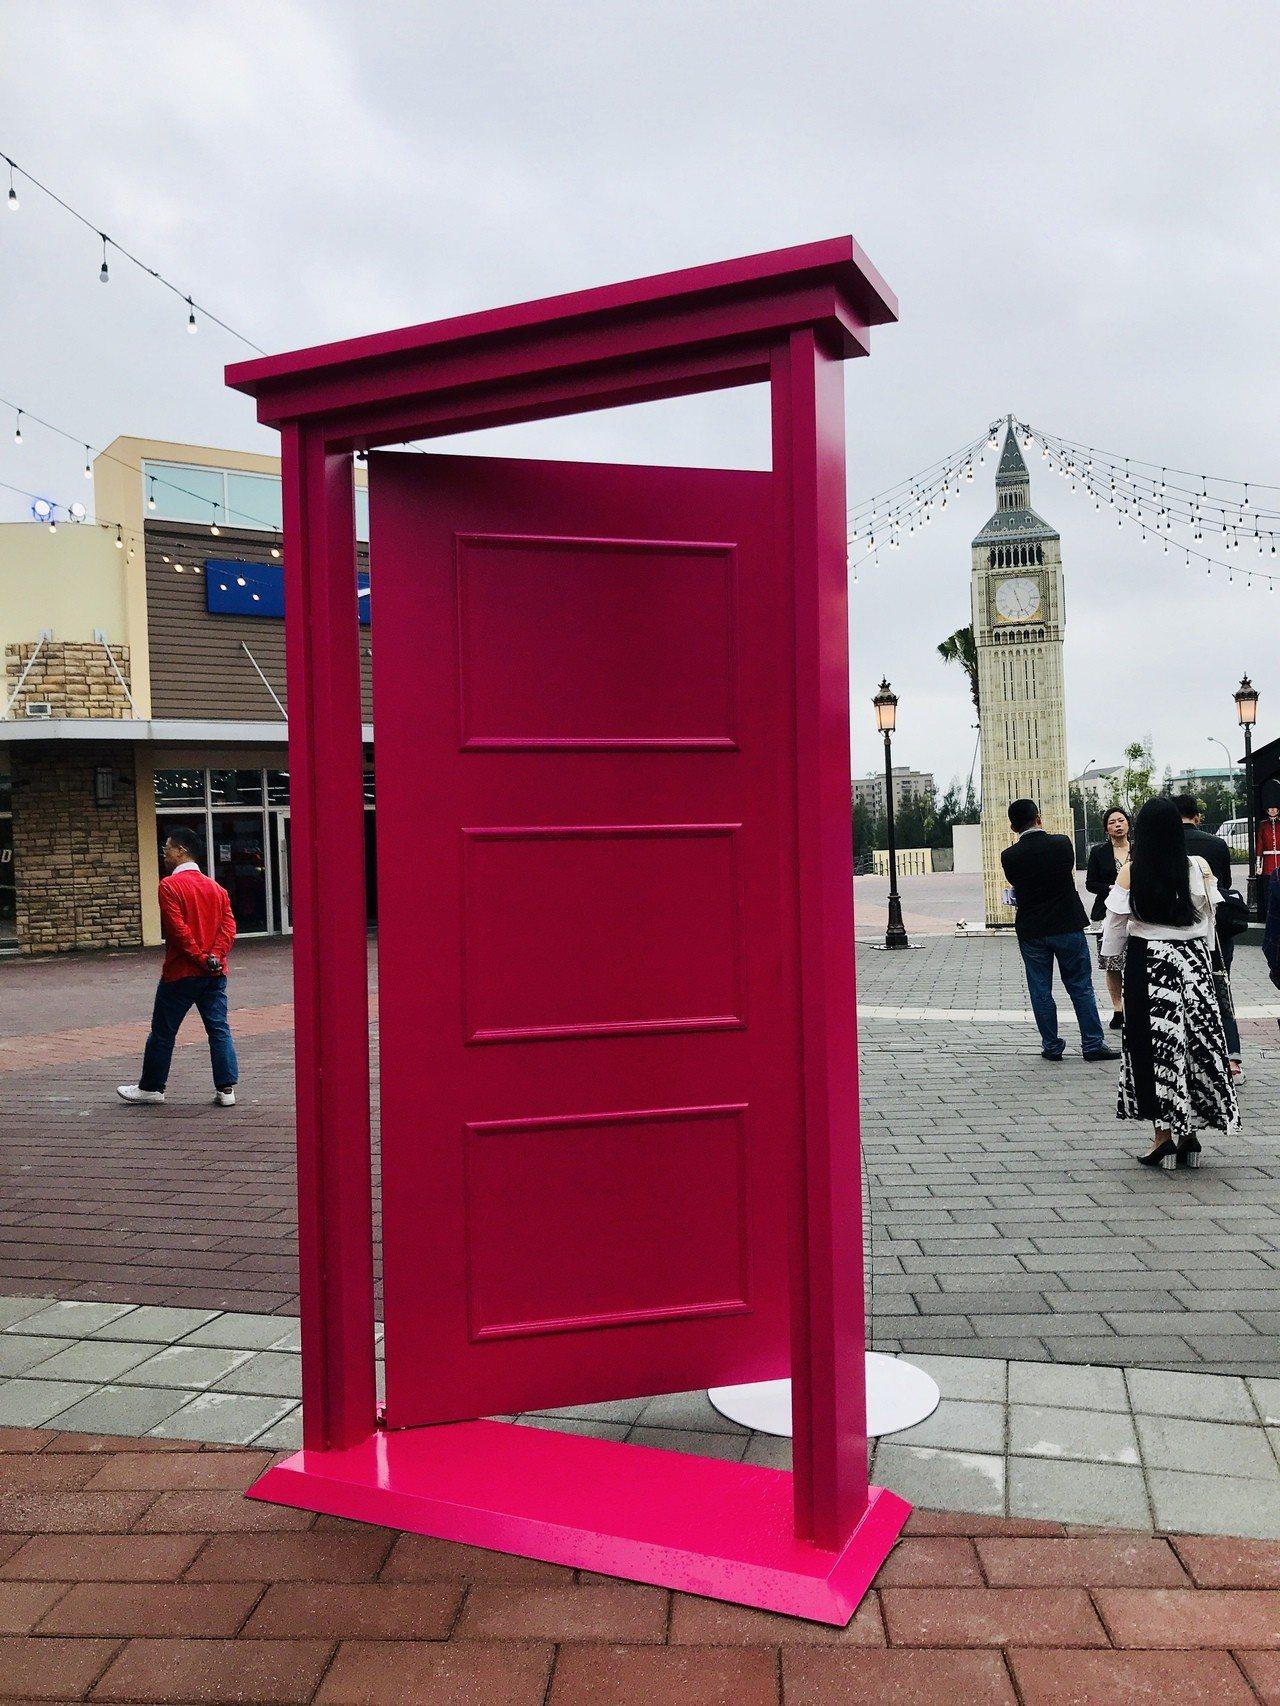 華泰名品城設計許多任意門裝置,代表消費者與國際品牌最近的距離。記者江佩君/攝影